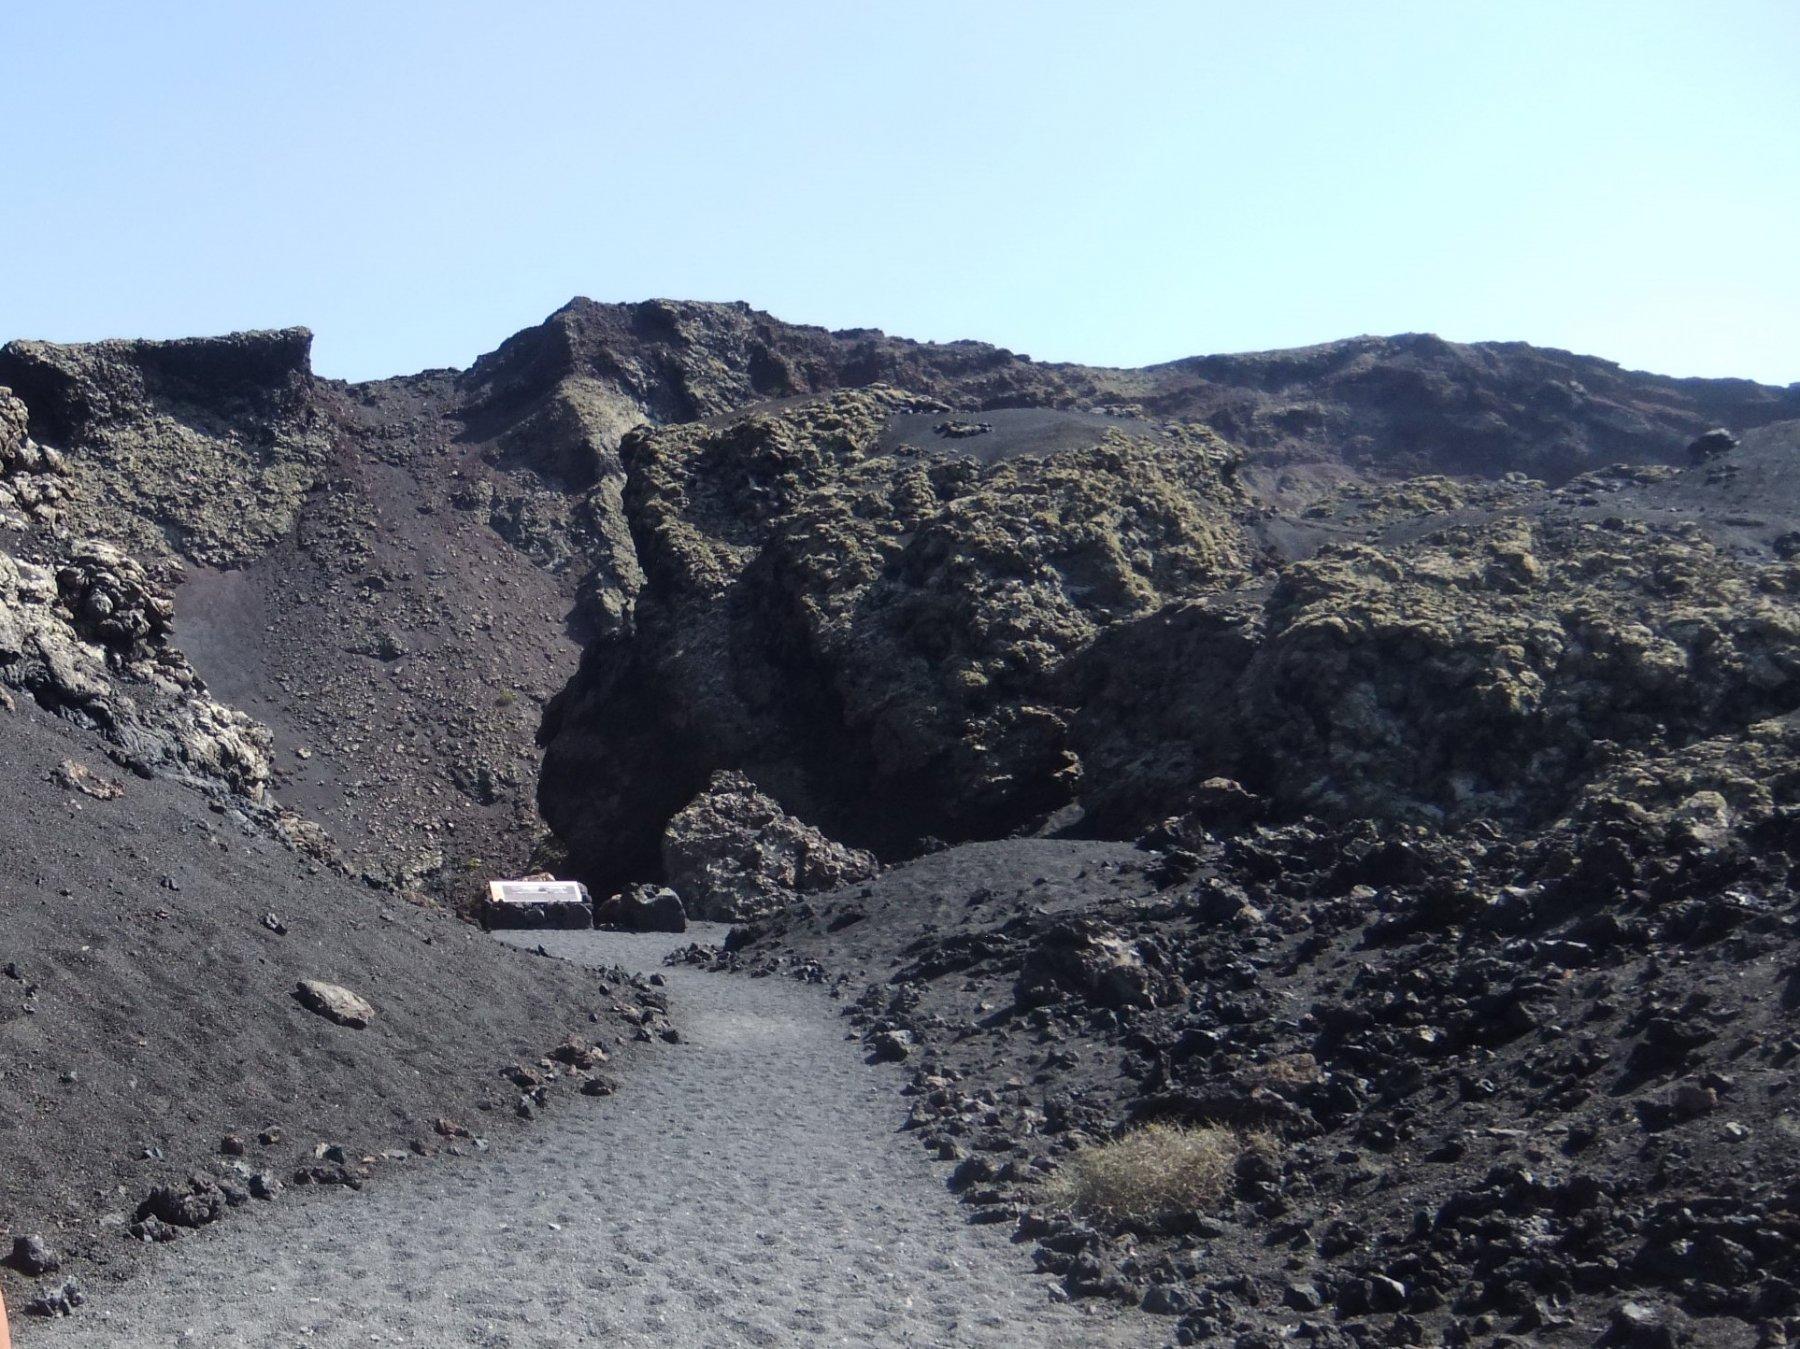 Il facile accesso al cratere